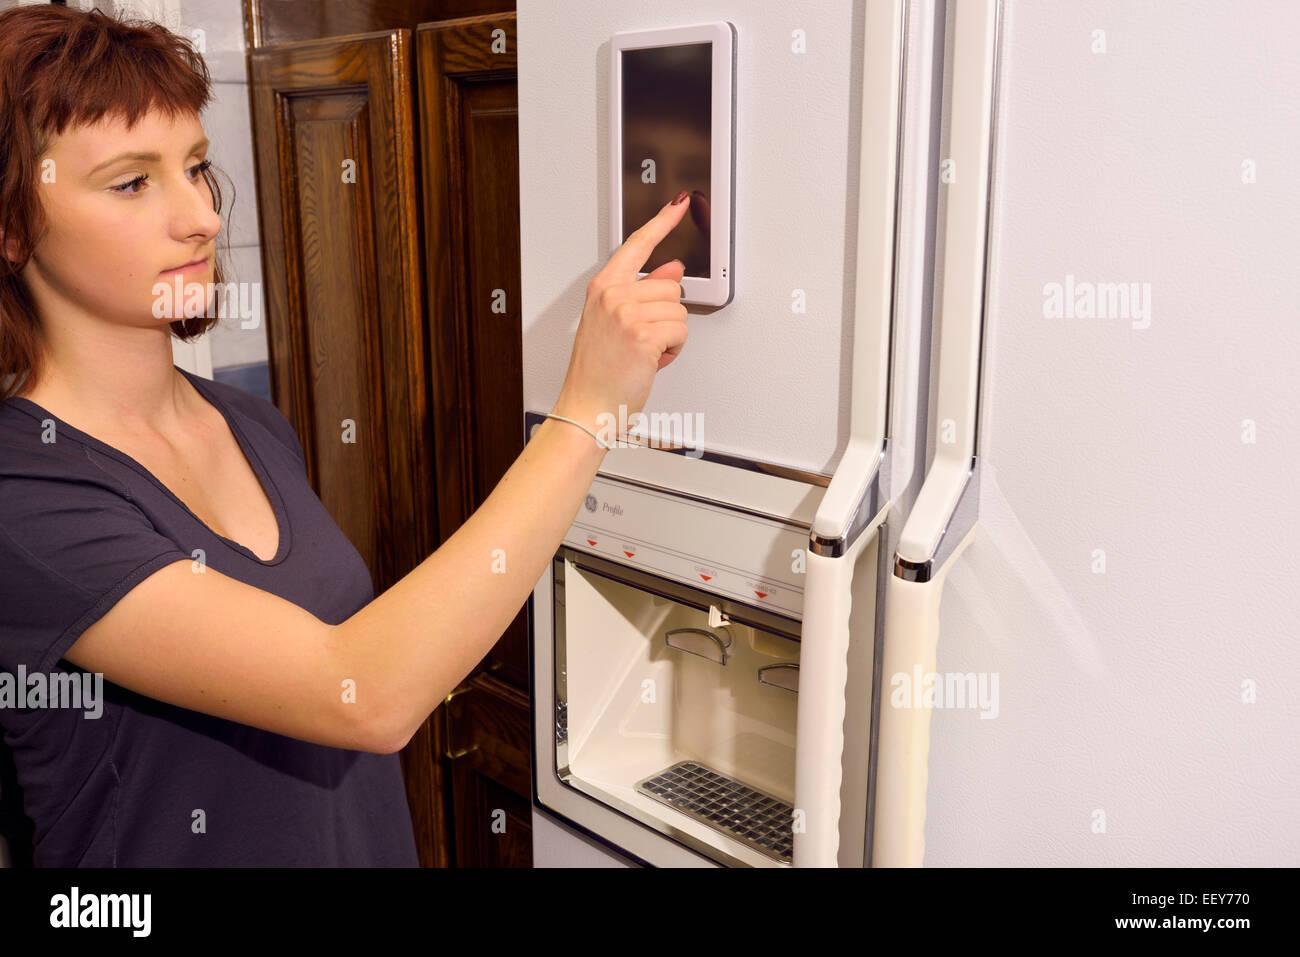 Kühlschrank Pad : Junge frau betrieb touch pad auf internetfähigen kühlschrank